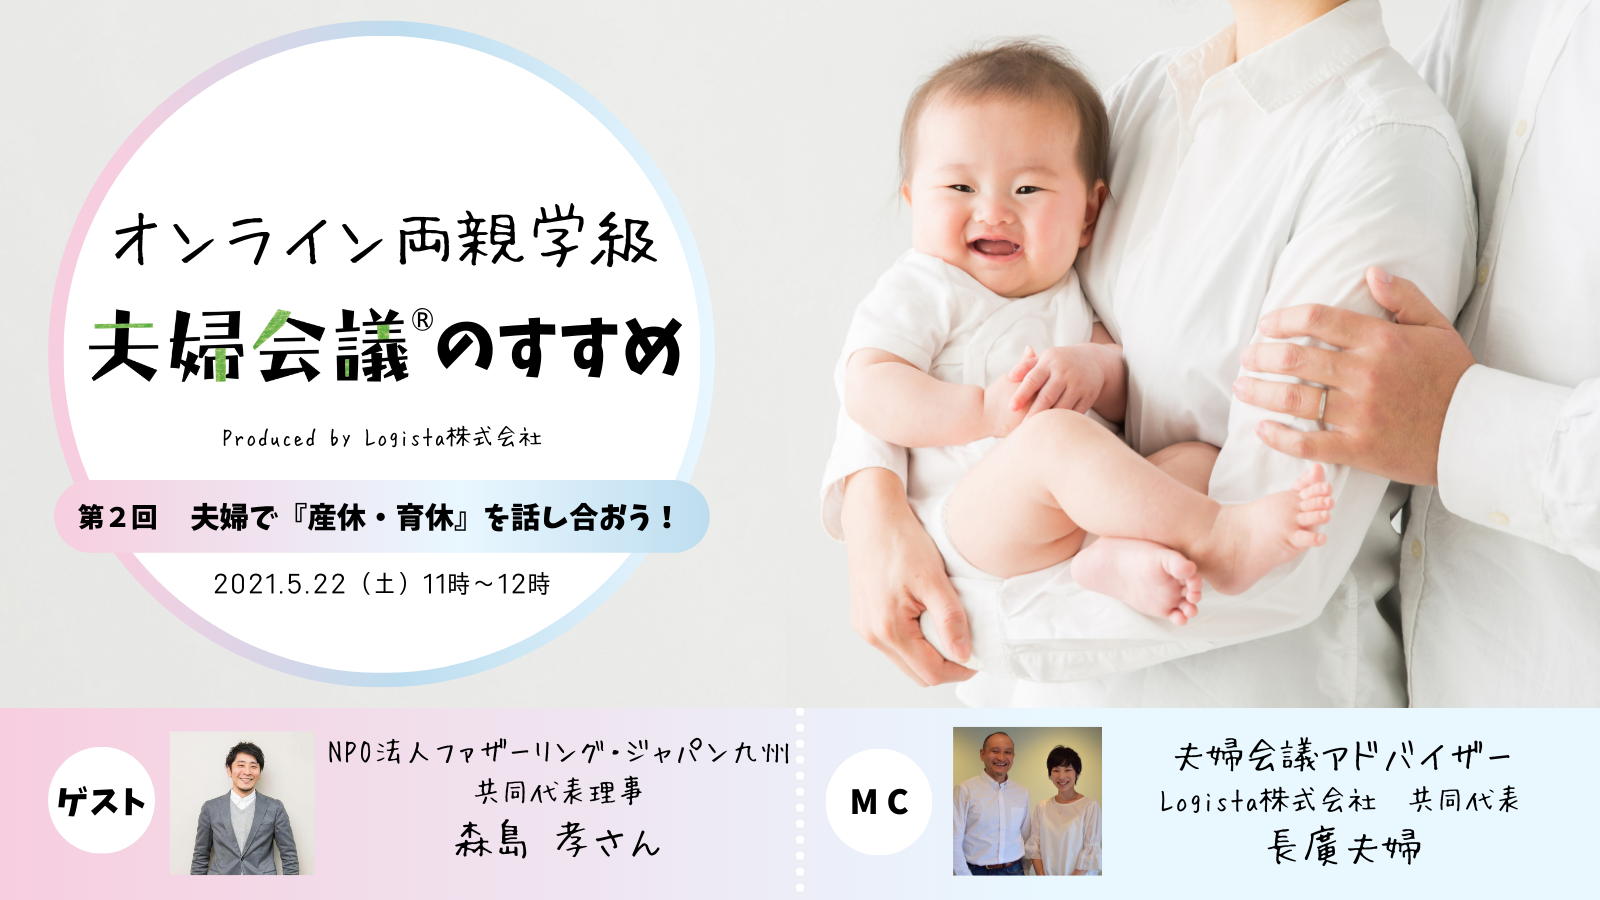 5月『夫婦会議』のイベント情報(プレゼント企画有り!)